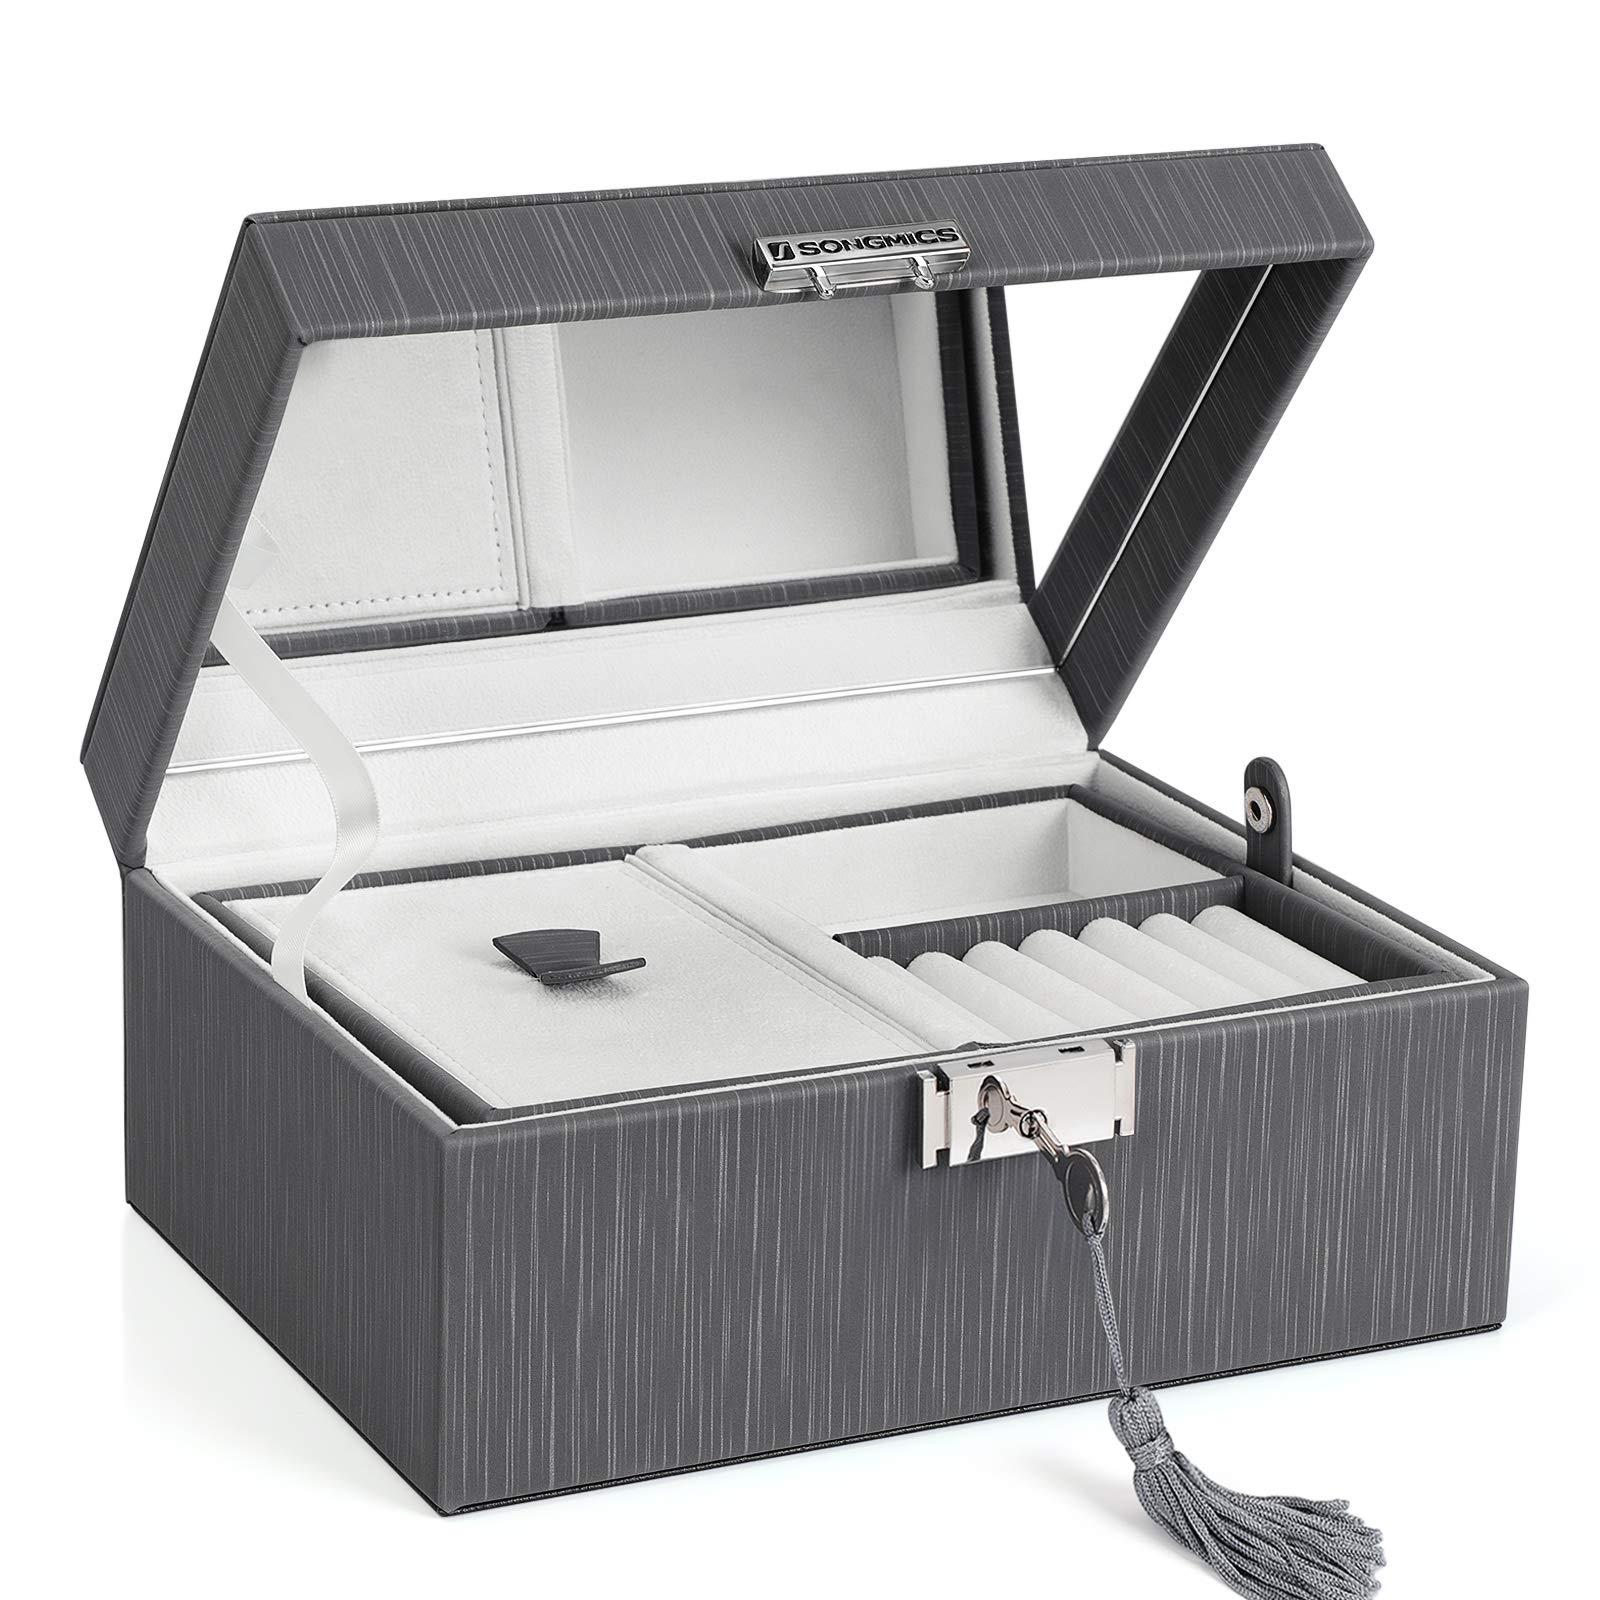 SONGMICSダブルジュエリーボックス、折りたたみ式トレイ付きロック式ジュエリー収納ボックス、取り外し可能なパーティション、厚手の額縁、恋人へのプレゼント、グレーUJBC232GY